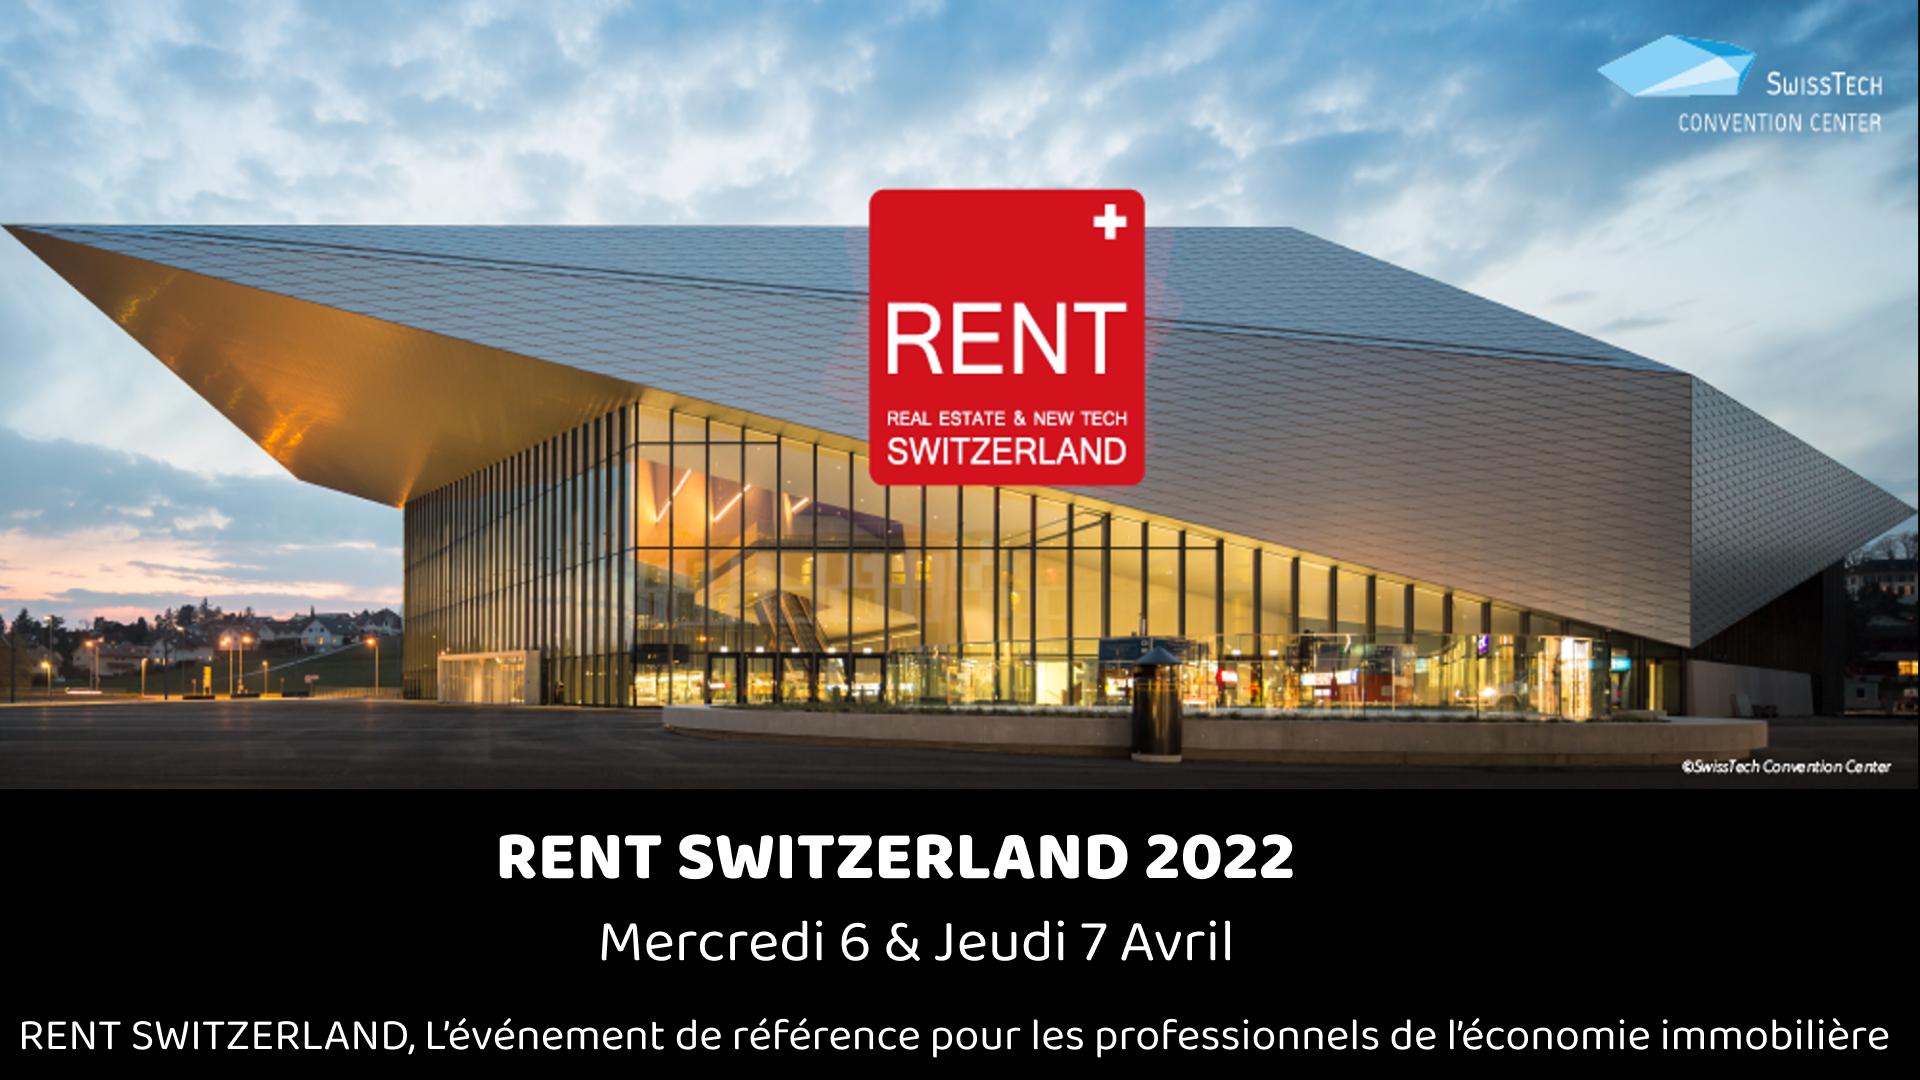 RENT SWITZERLAND 2022